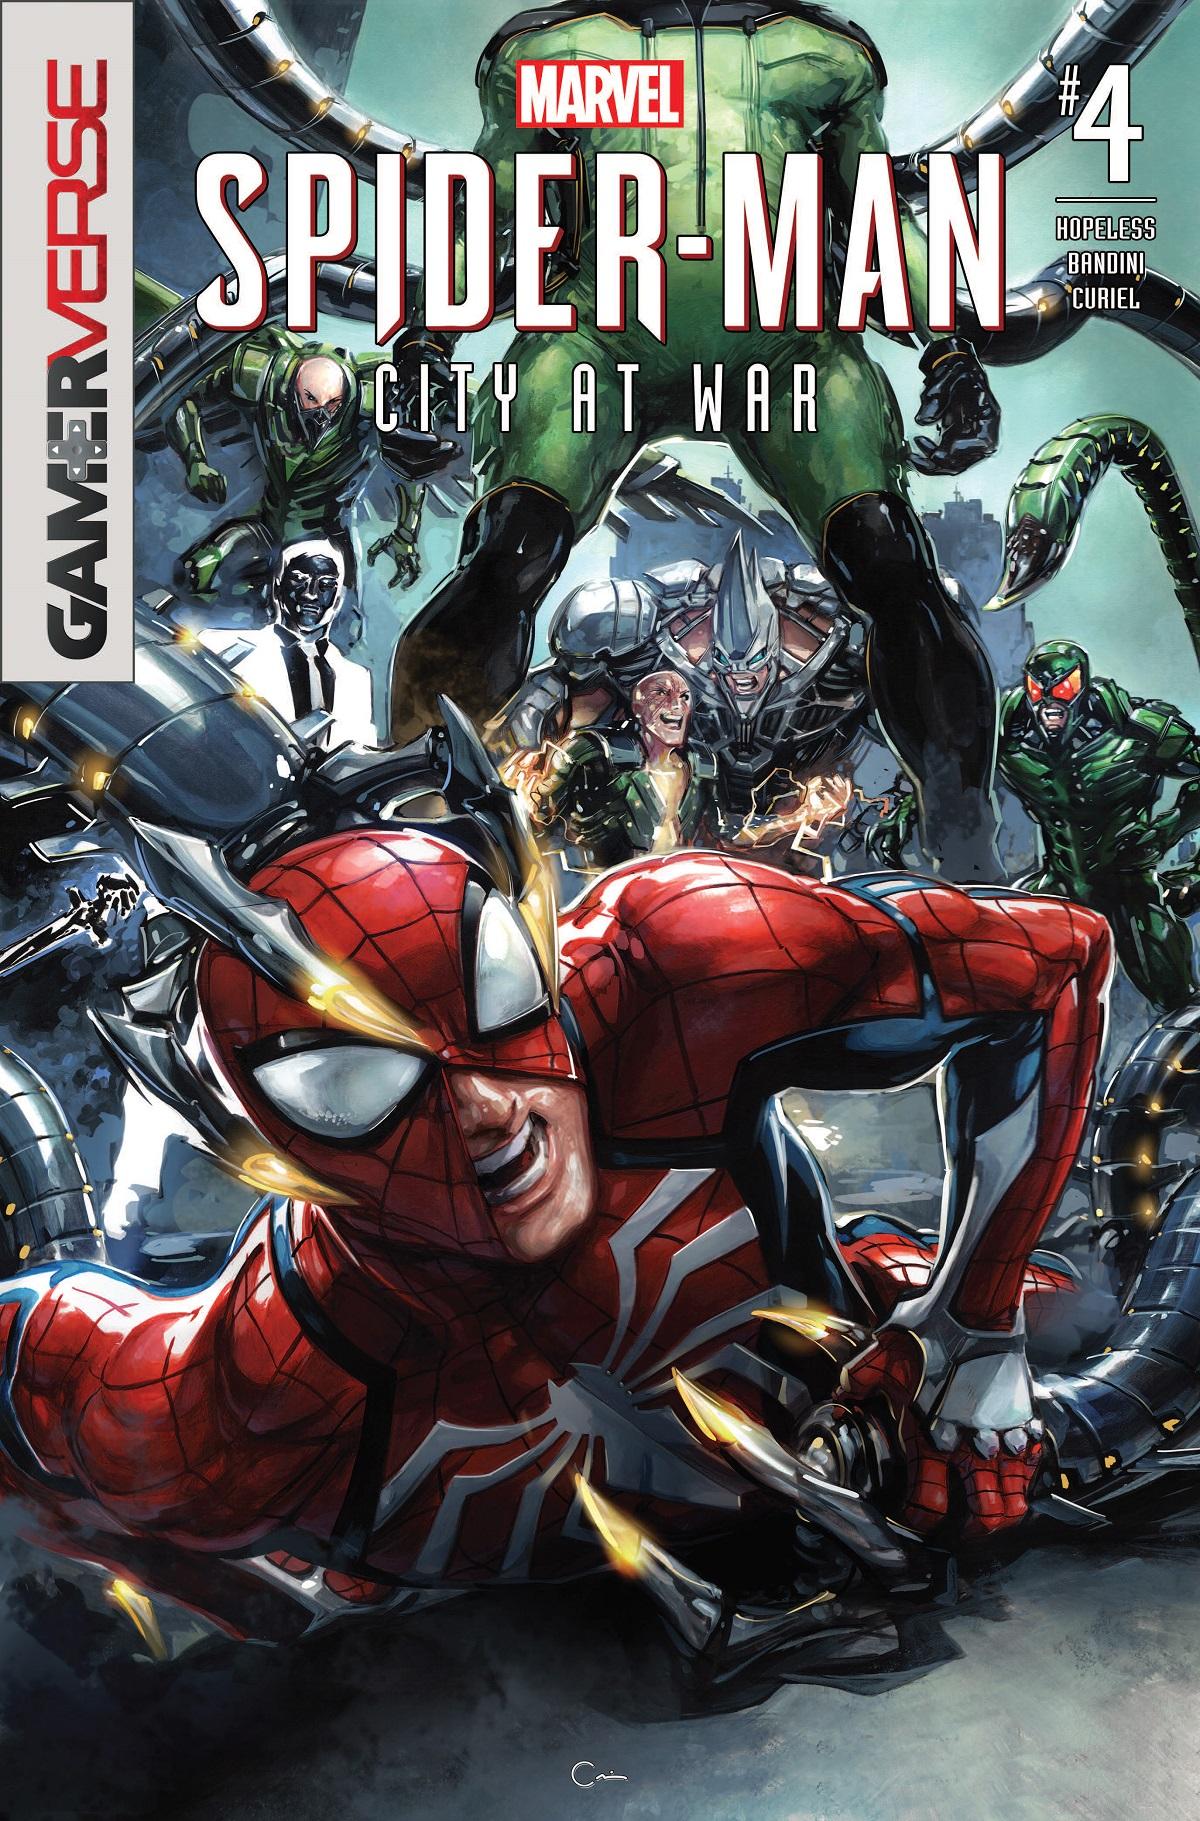 Marvel's Spider-Man: City at War (2019) #4